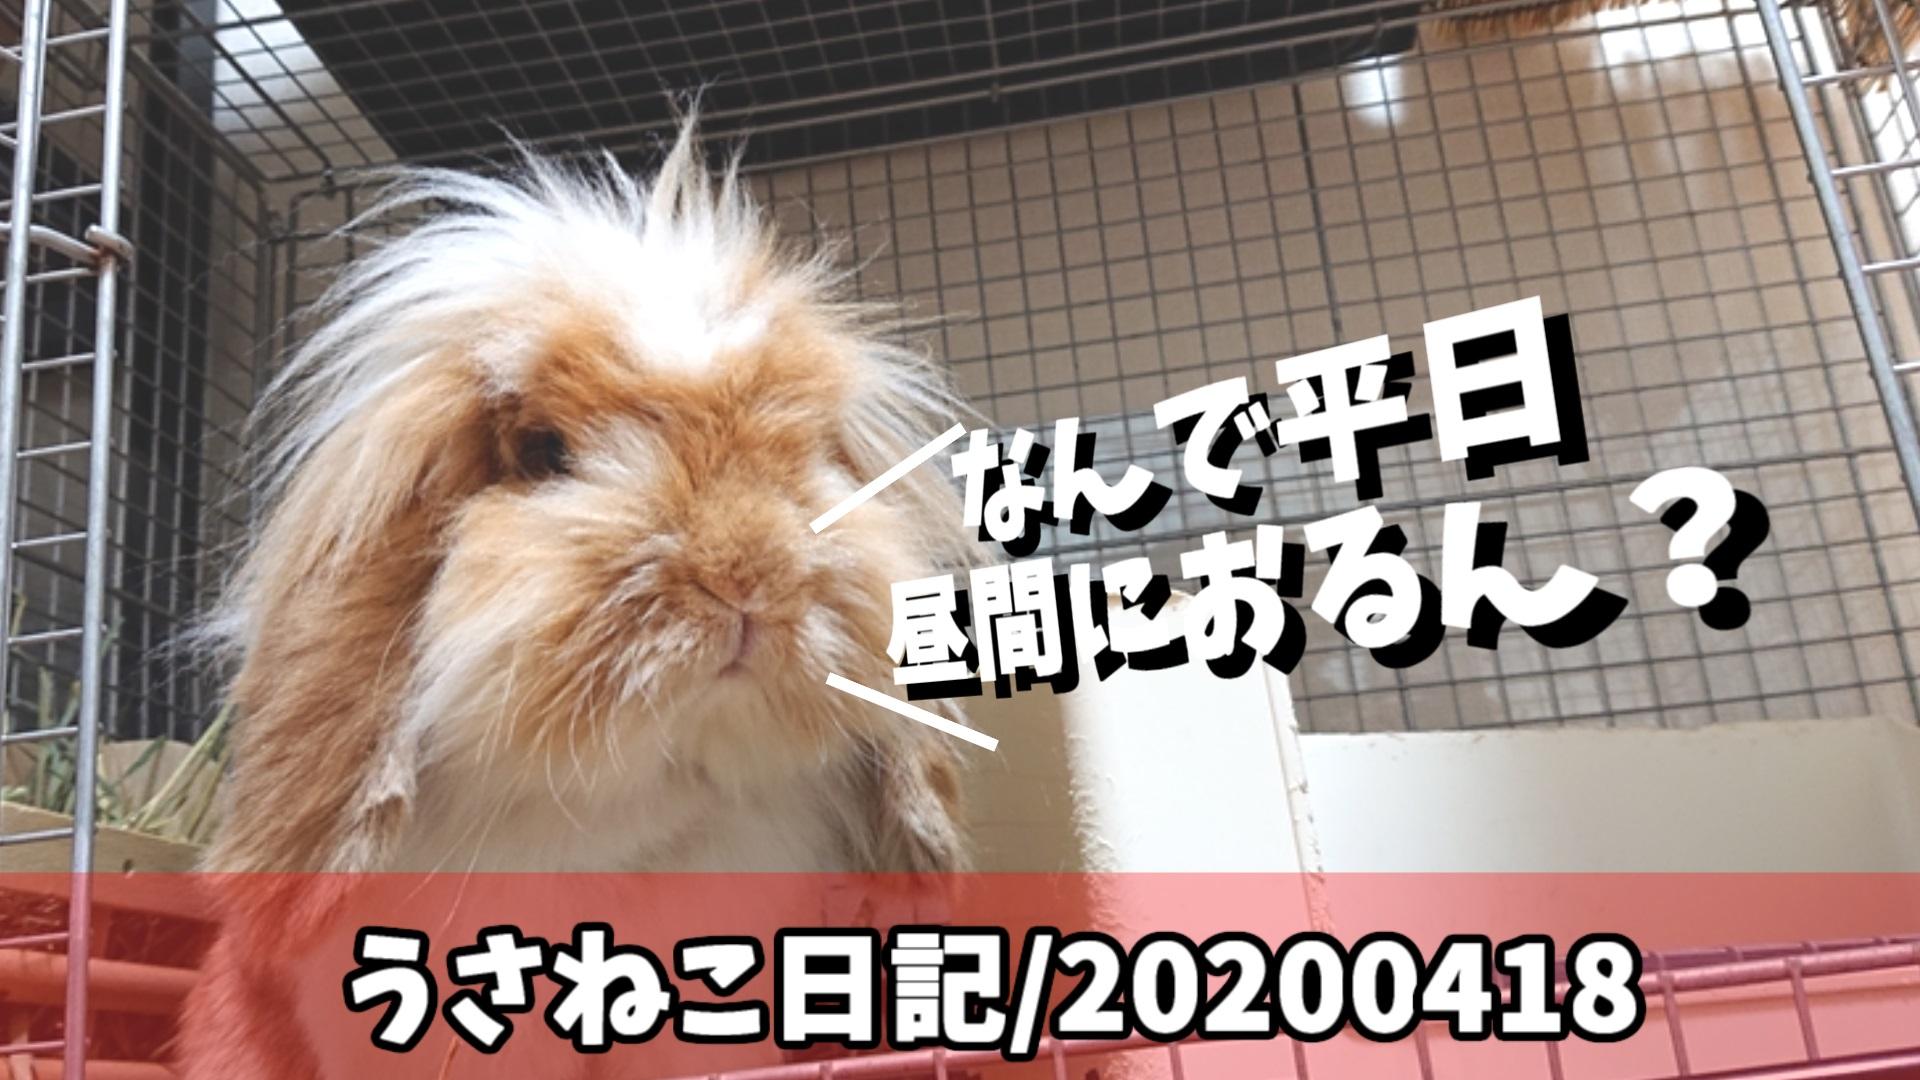 アメファジウサギ「みみ先生」と保護ネコ「ぽんちゃん」の日記/2020年4月18日